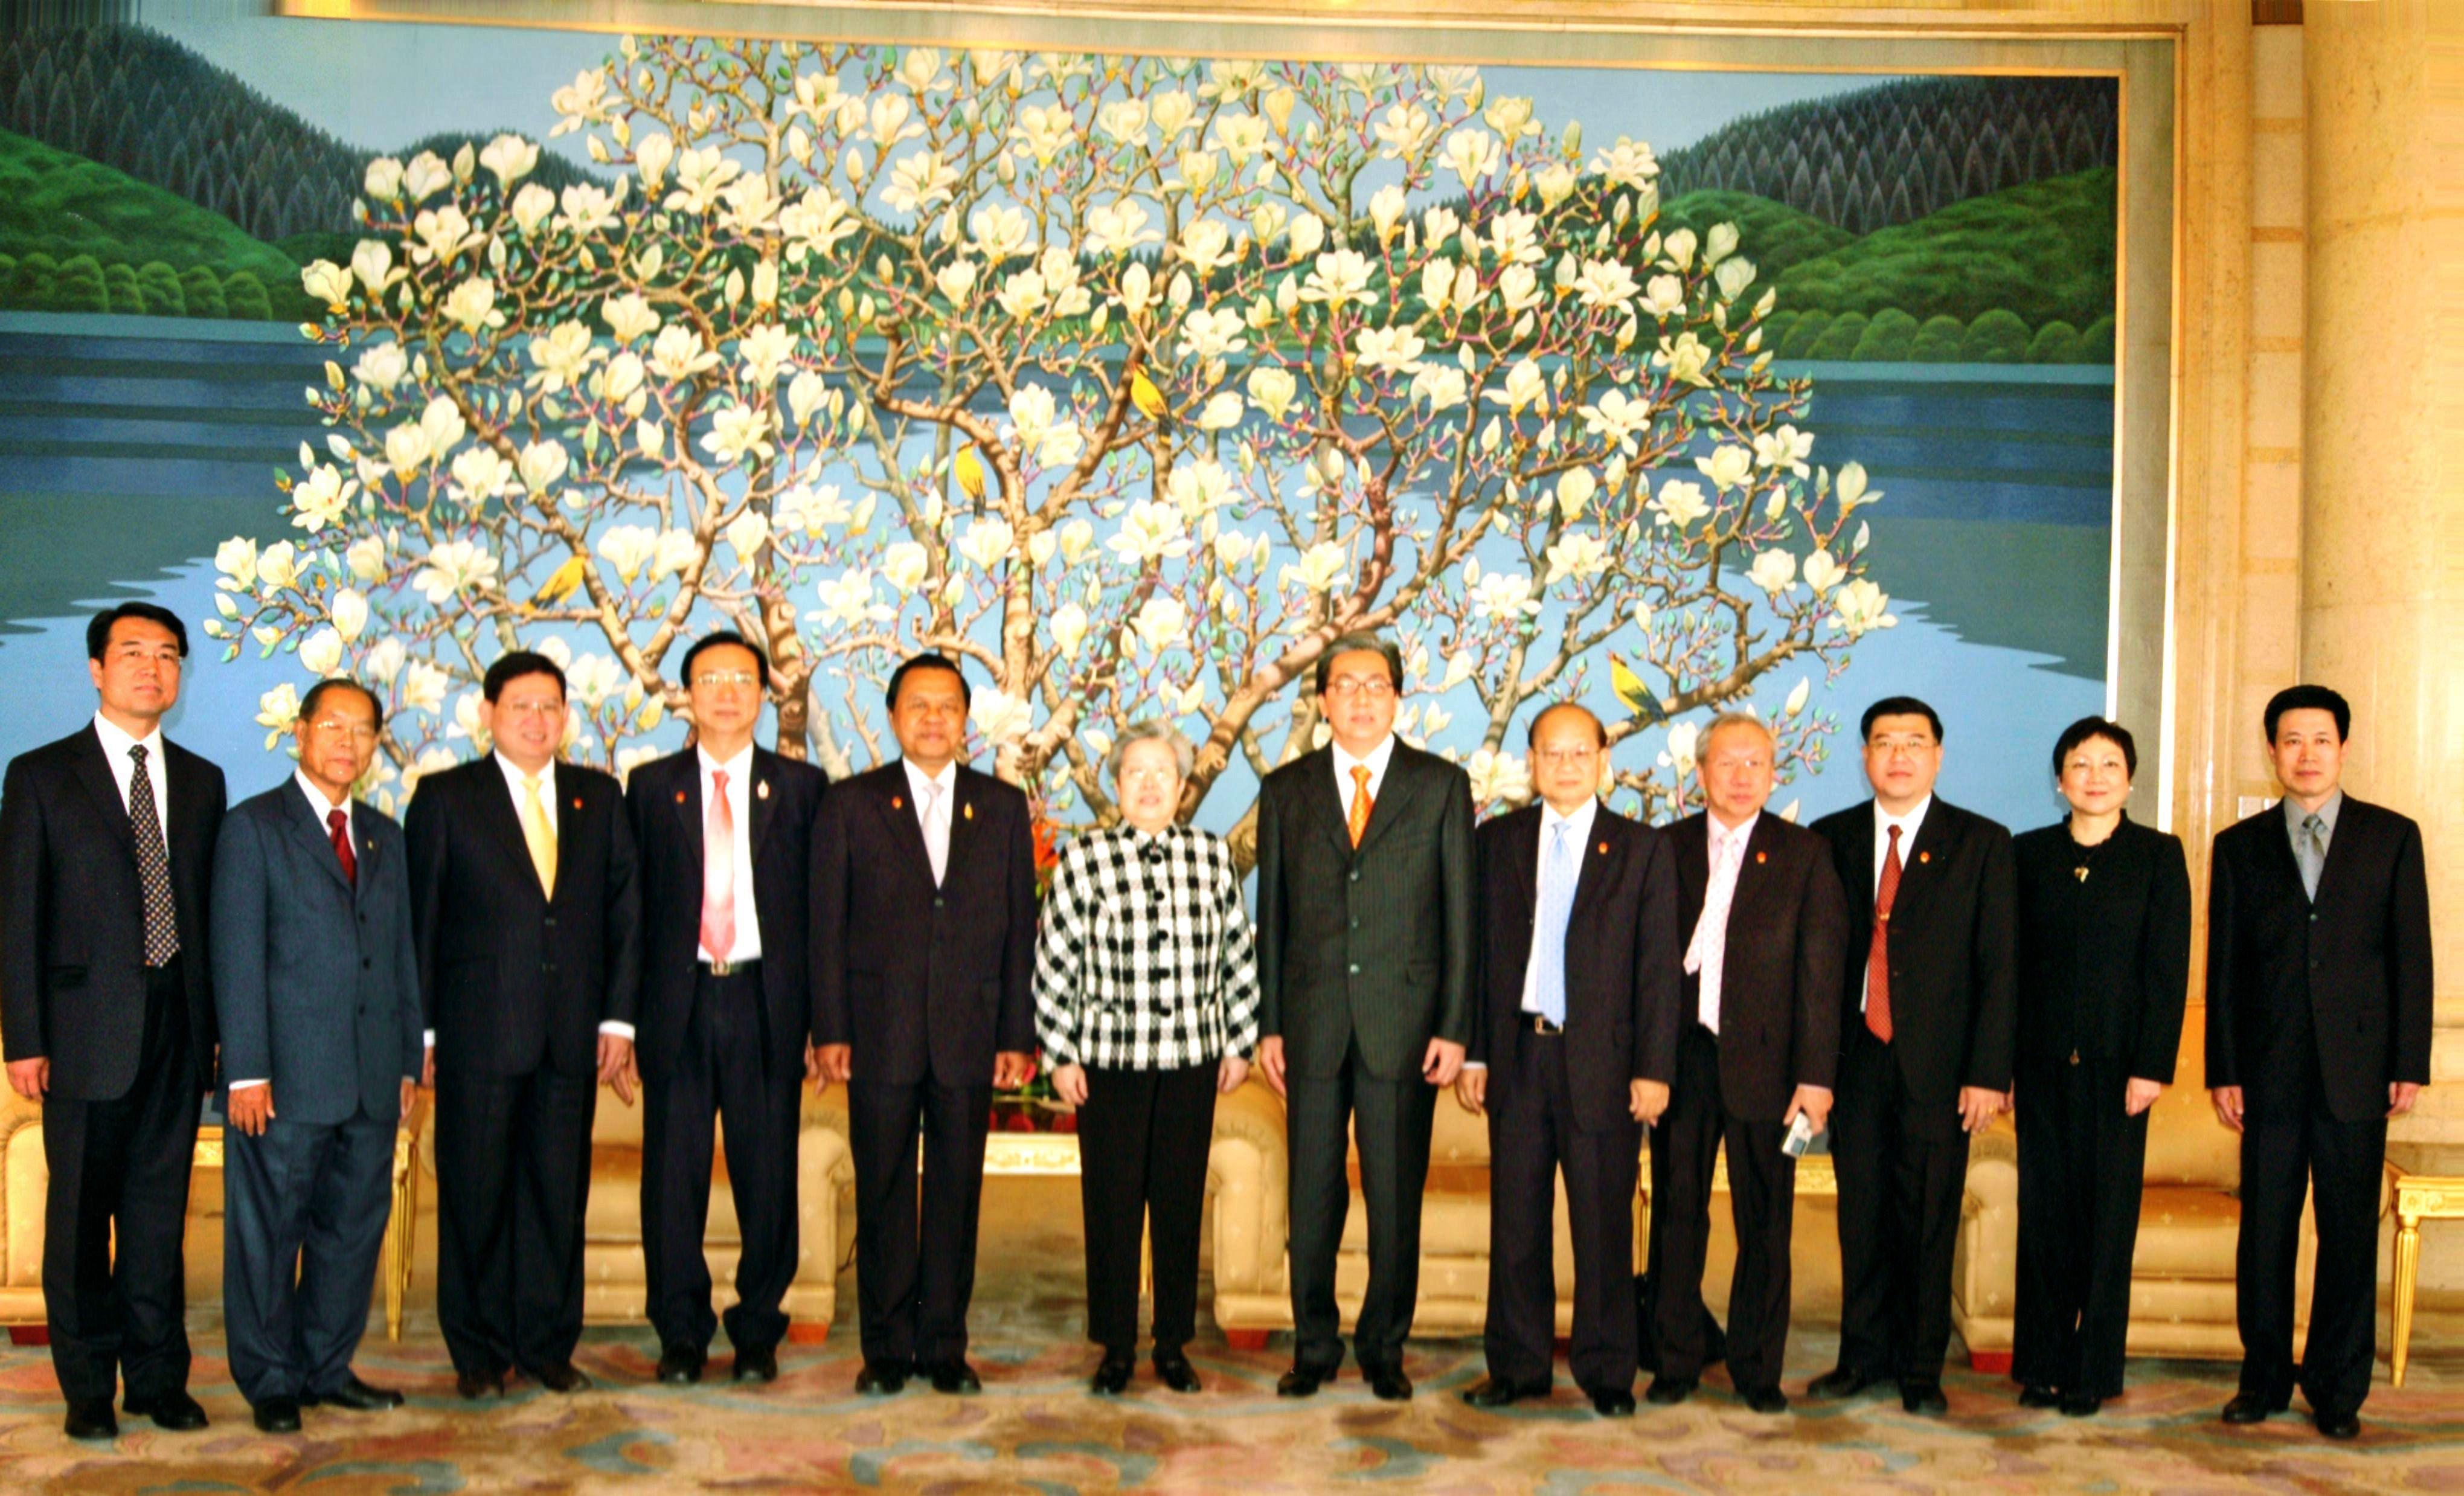 ฯพณฯ สมคิด จาตุศรีพิทักษ์ นายกสมาคมวัฒนธรรมและเศรษฐกิจไทย-จีน